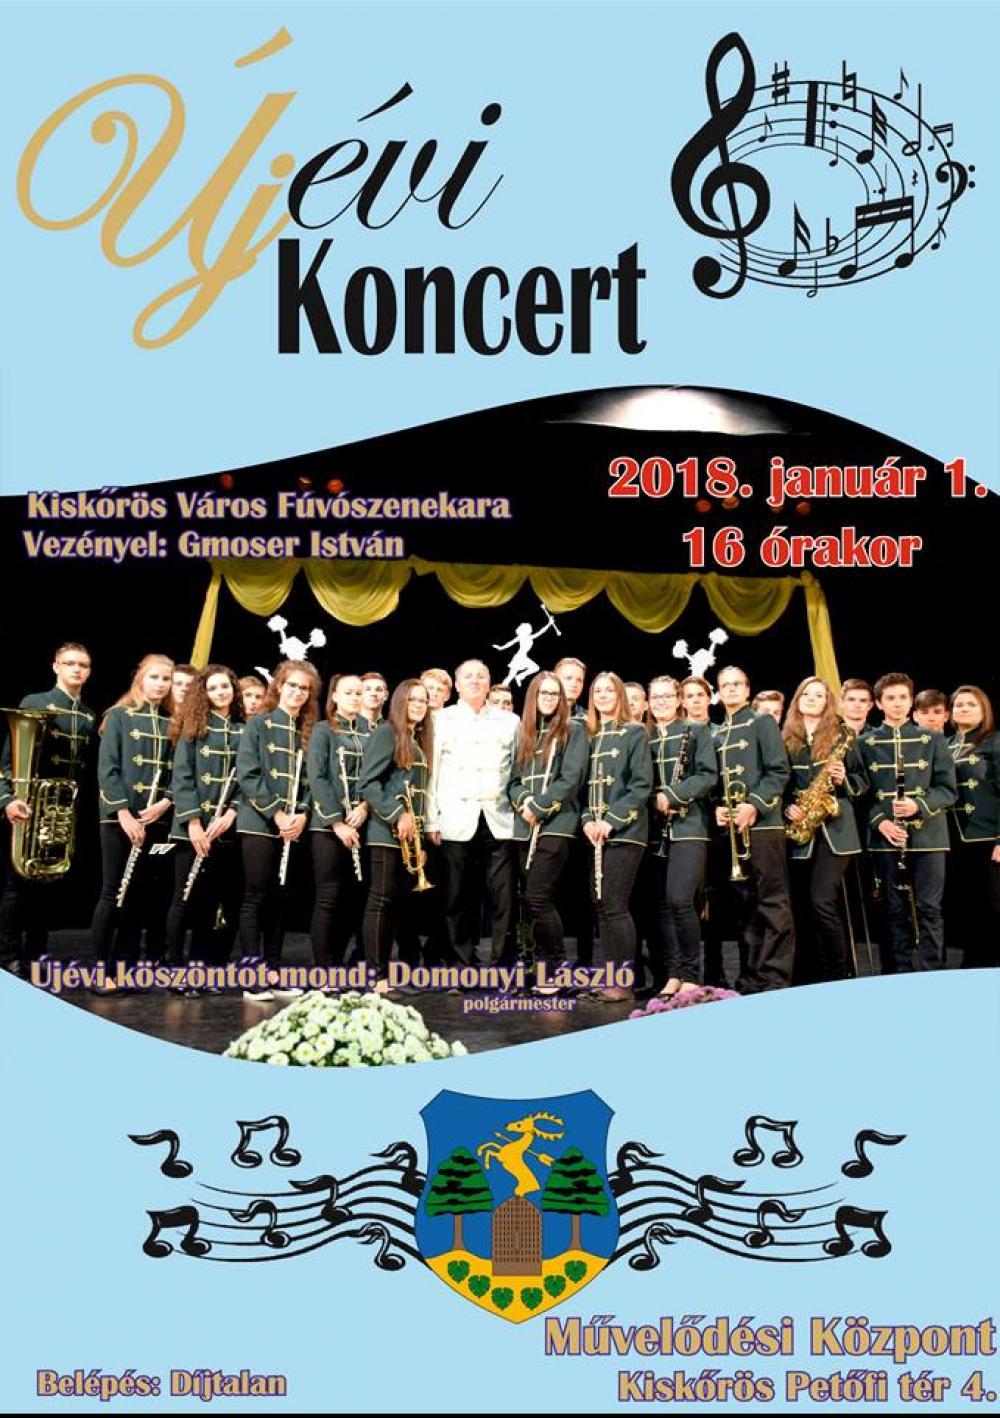 Újévi koncert 2018